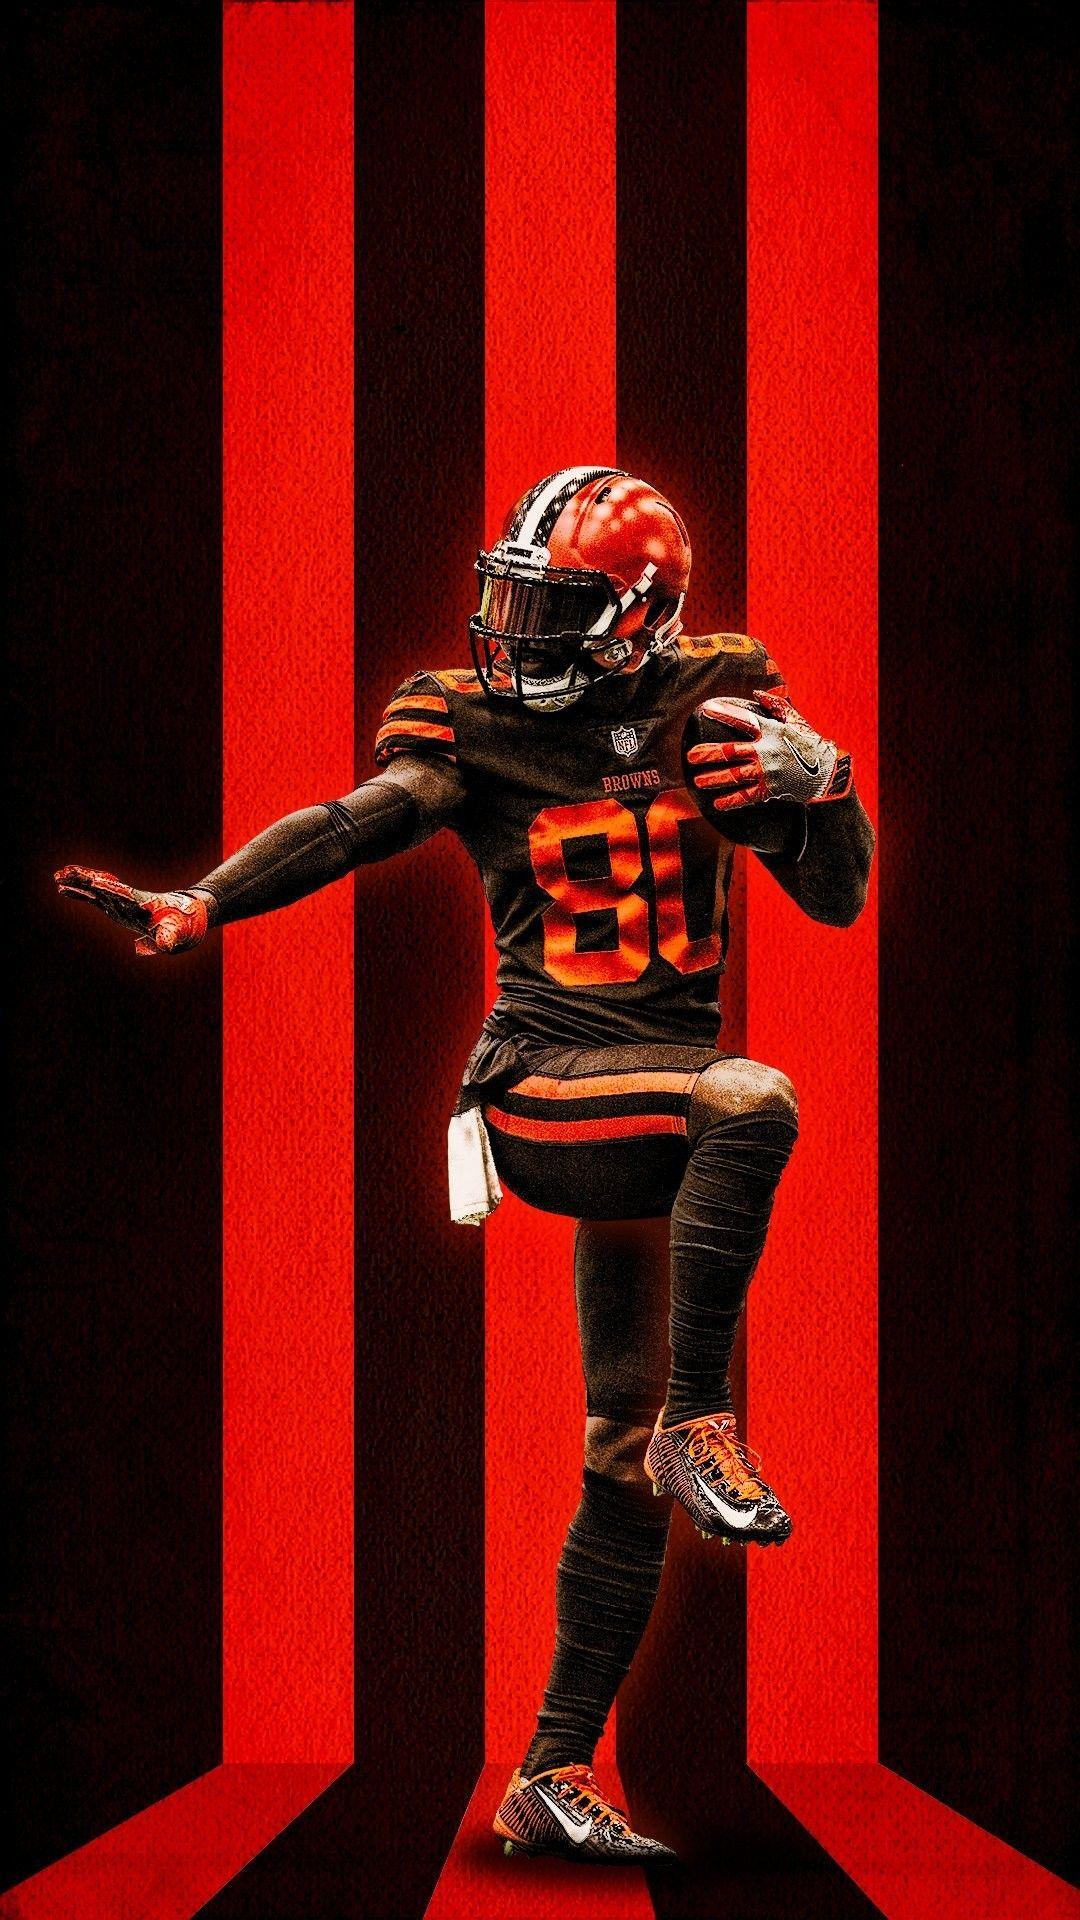 Color Rush Nfl Wallpaper Hd Color Rush Nfl Cleveland Browns Wallpaper Cleveland Browns Football